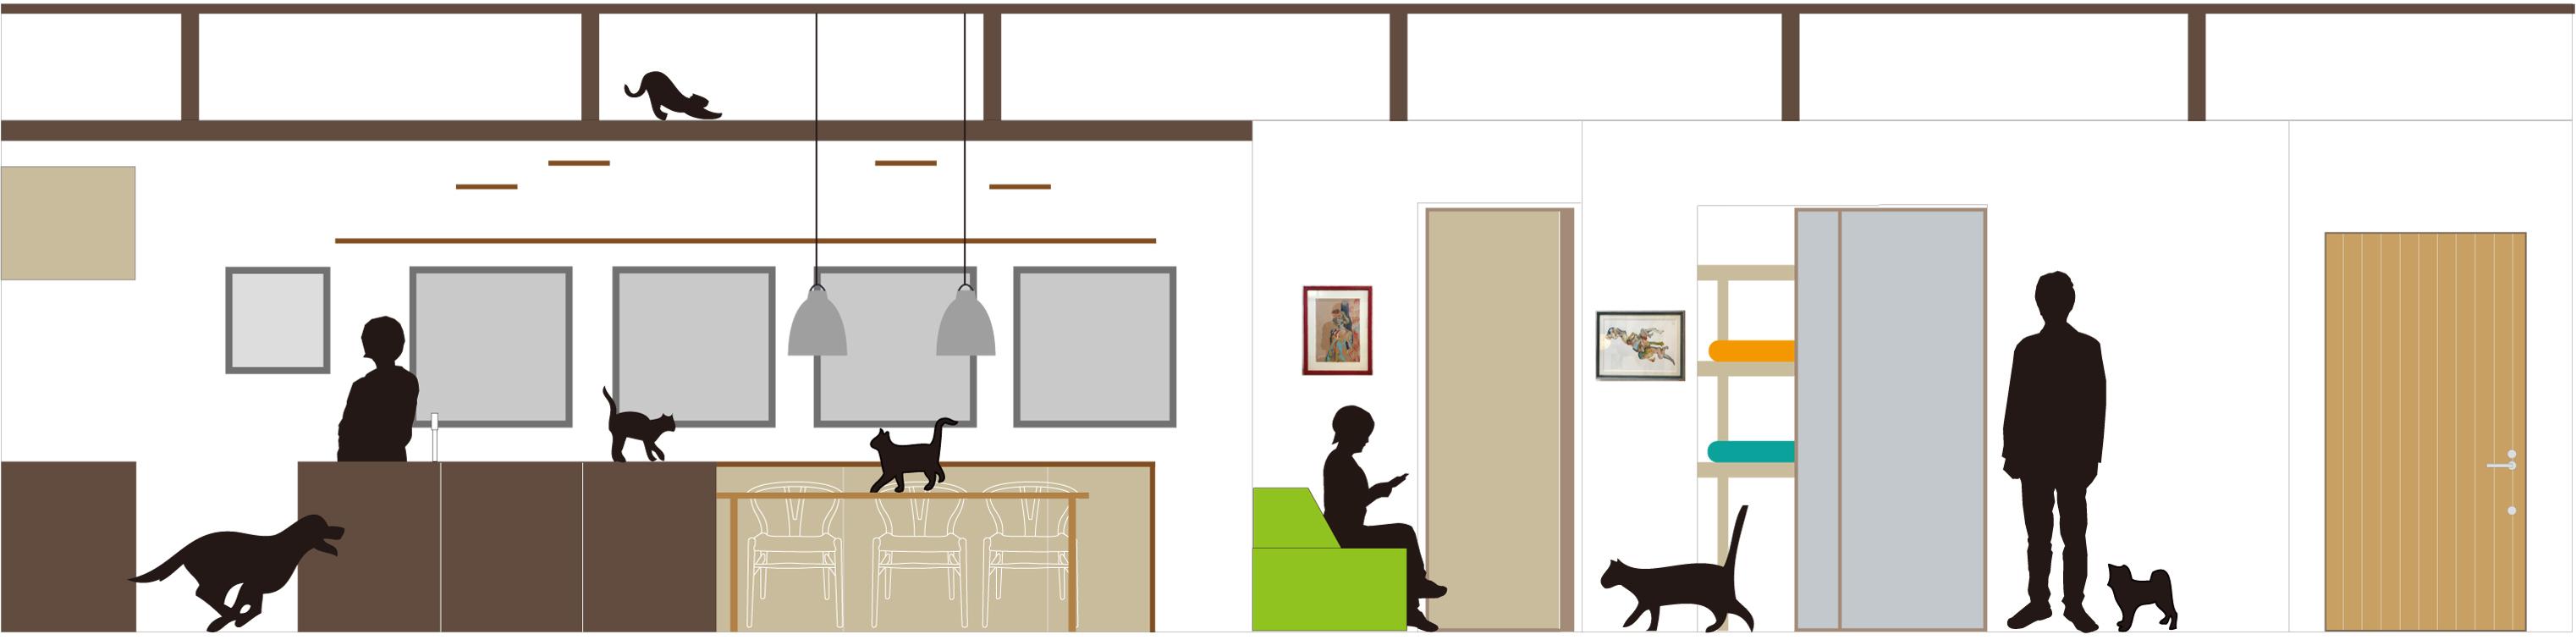 ニャワンダフルハウスのモニターを募集します☆_e0029115_10455237.jpg